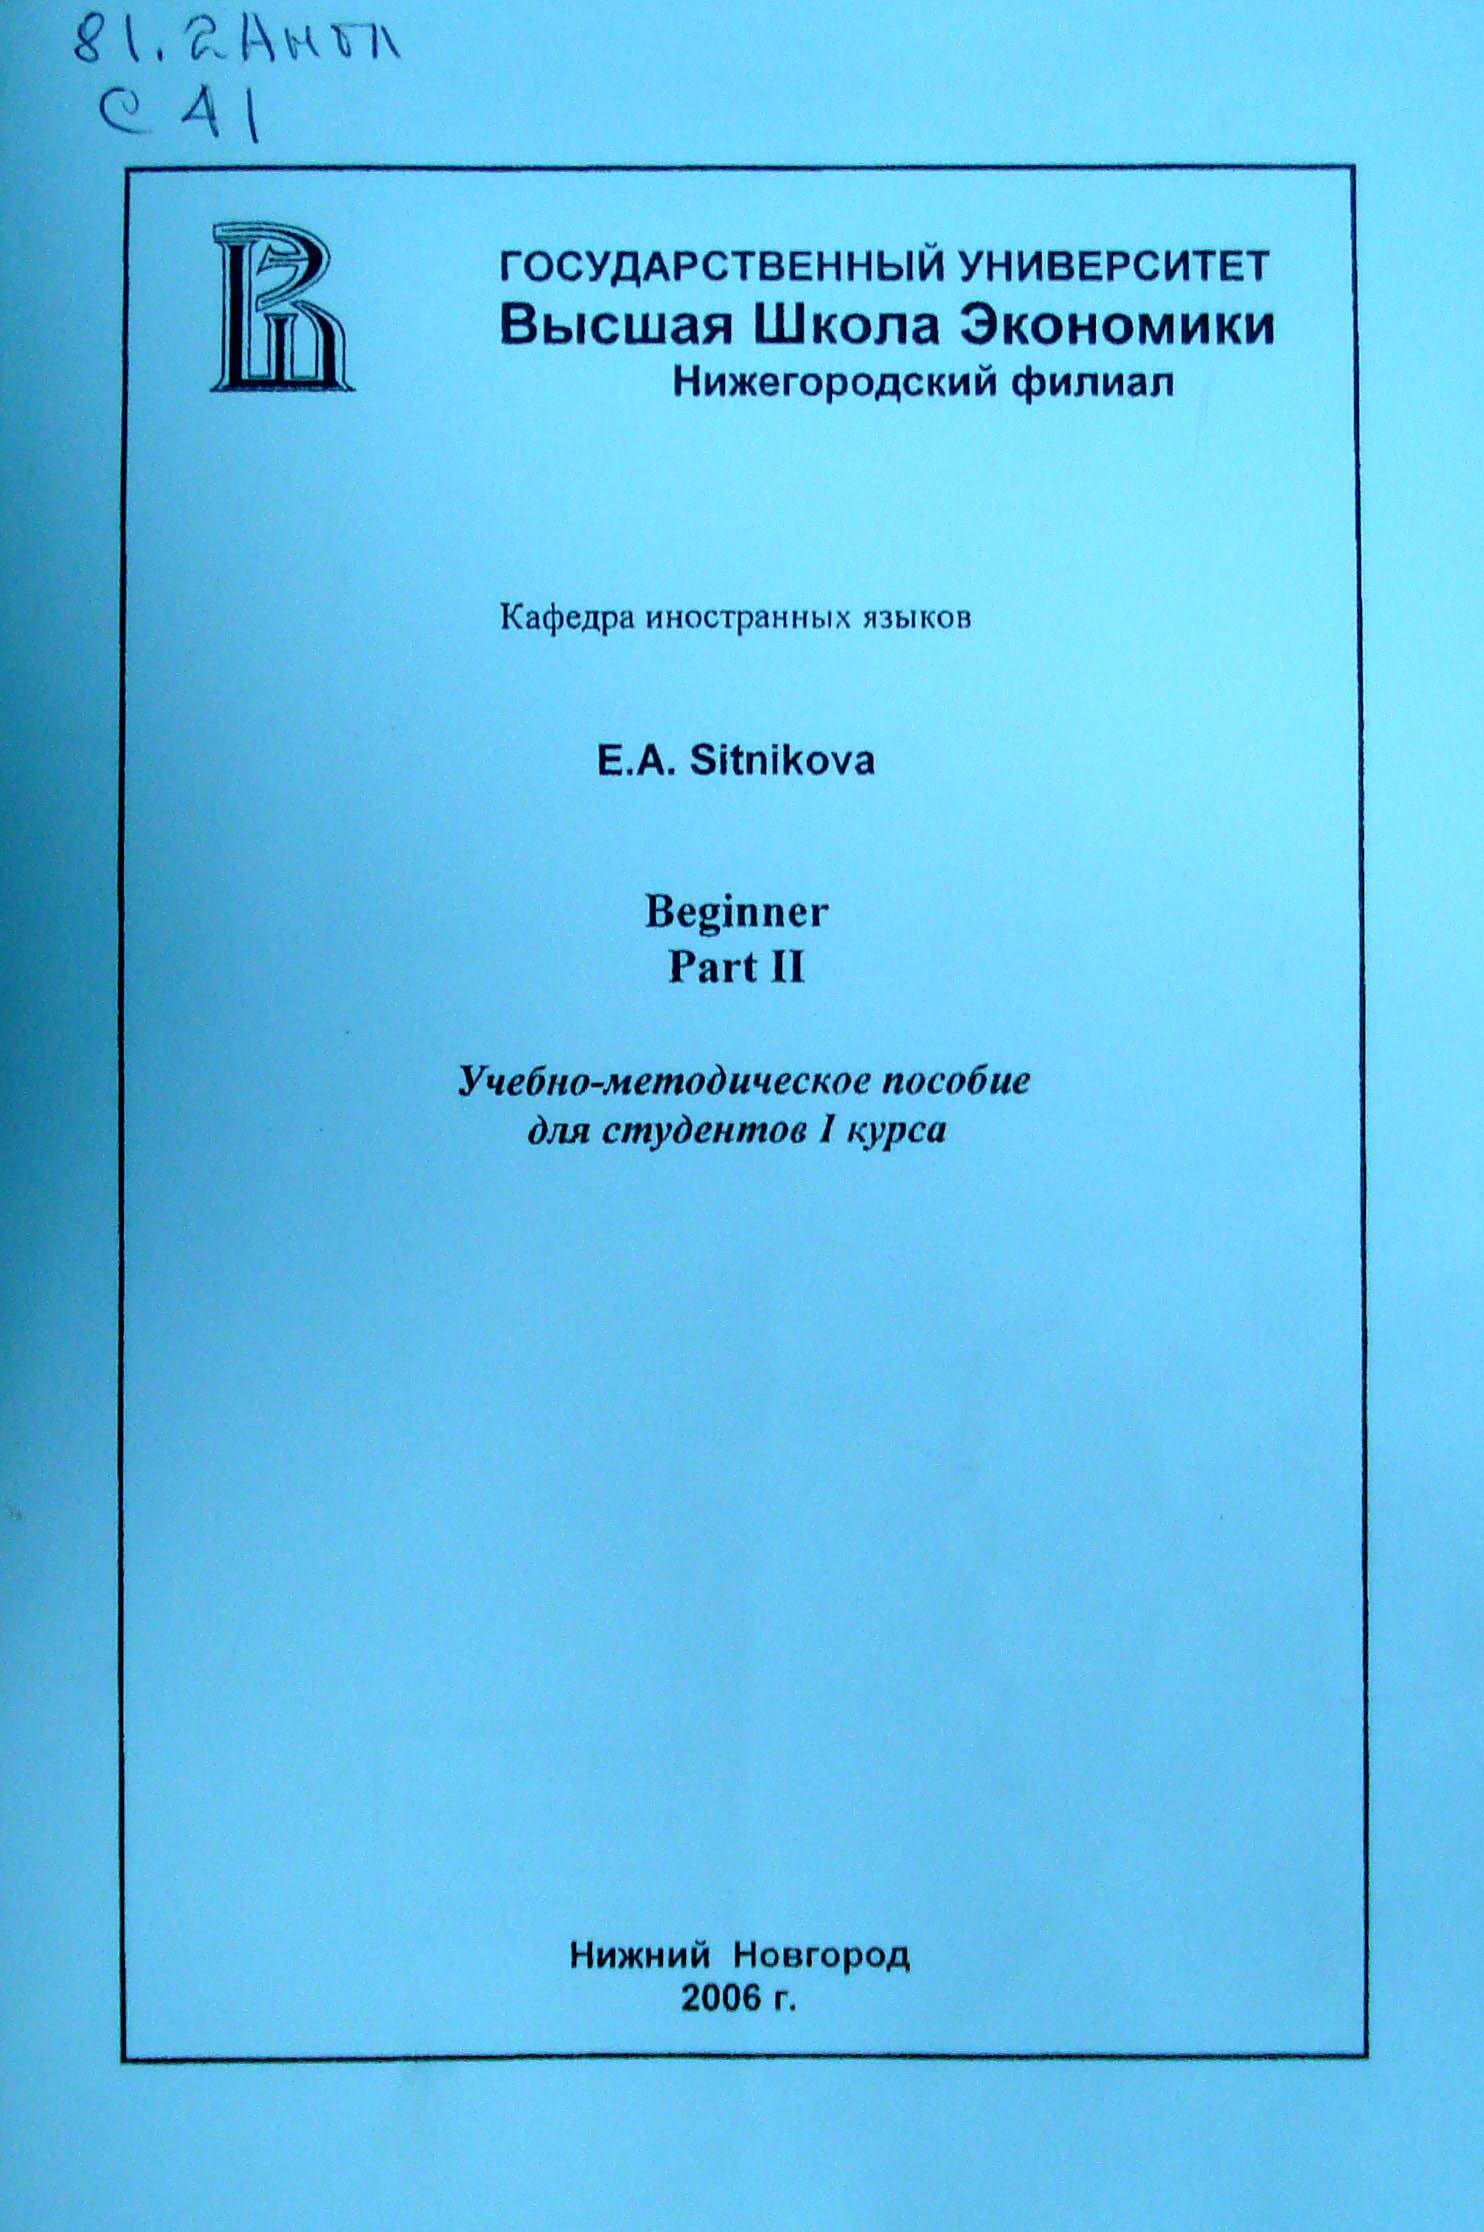 Beginner. Part II: Учебно-методическое пособие по английскому языку для студентов I курса